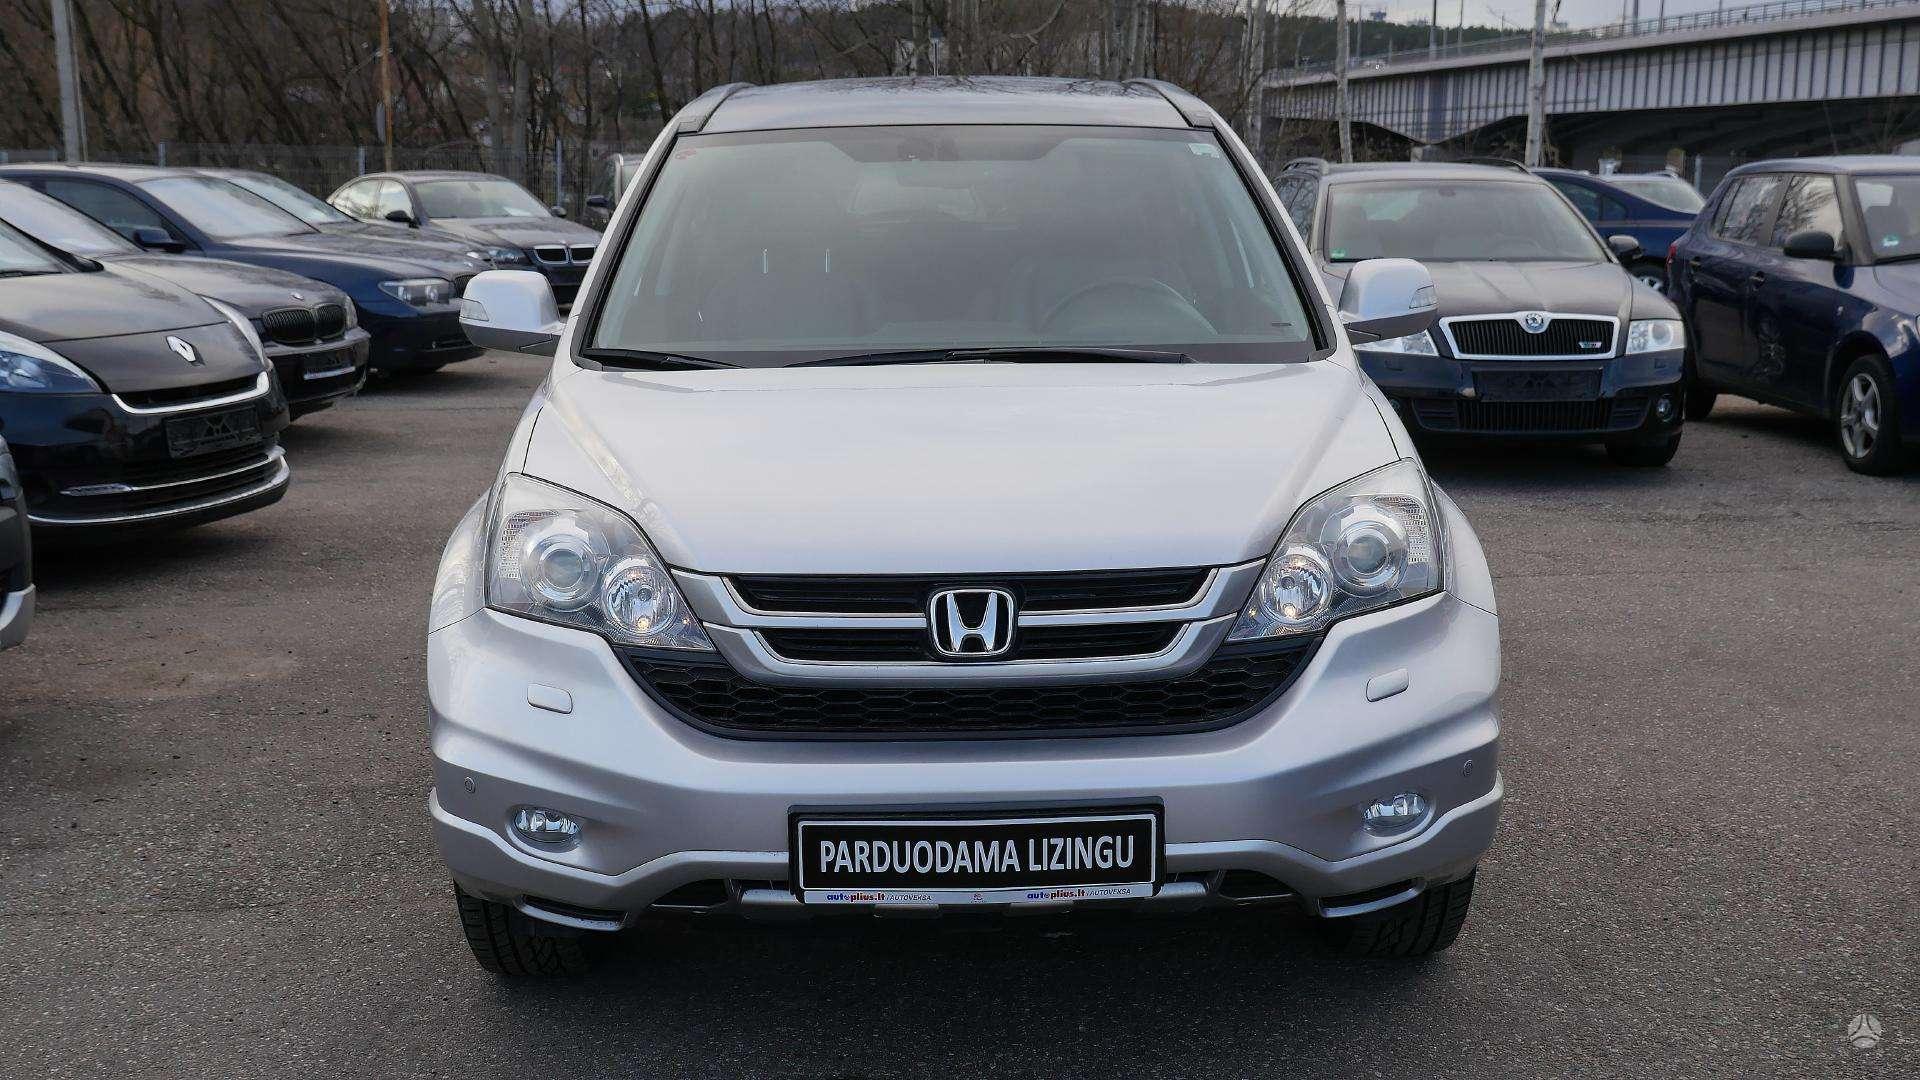 Honda CR-V išsimokėtinai nuo 169 Eur/mėn su 3 mėnesių garantija